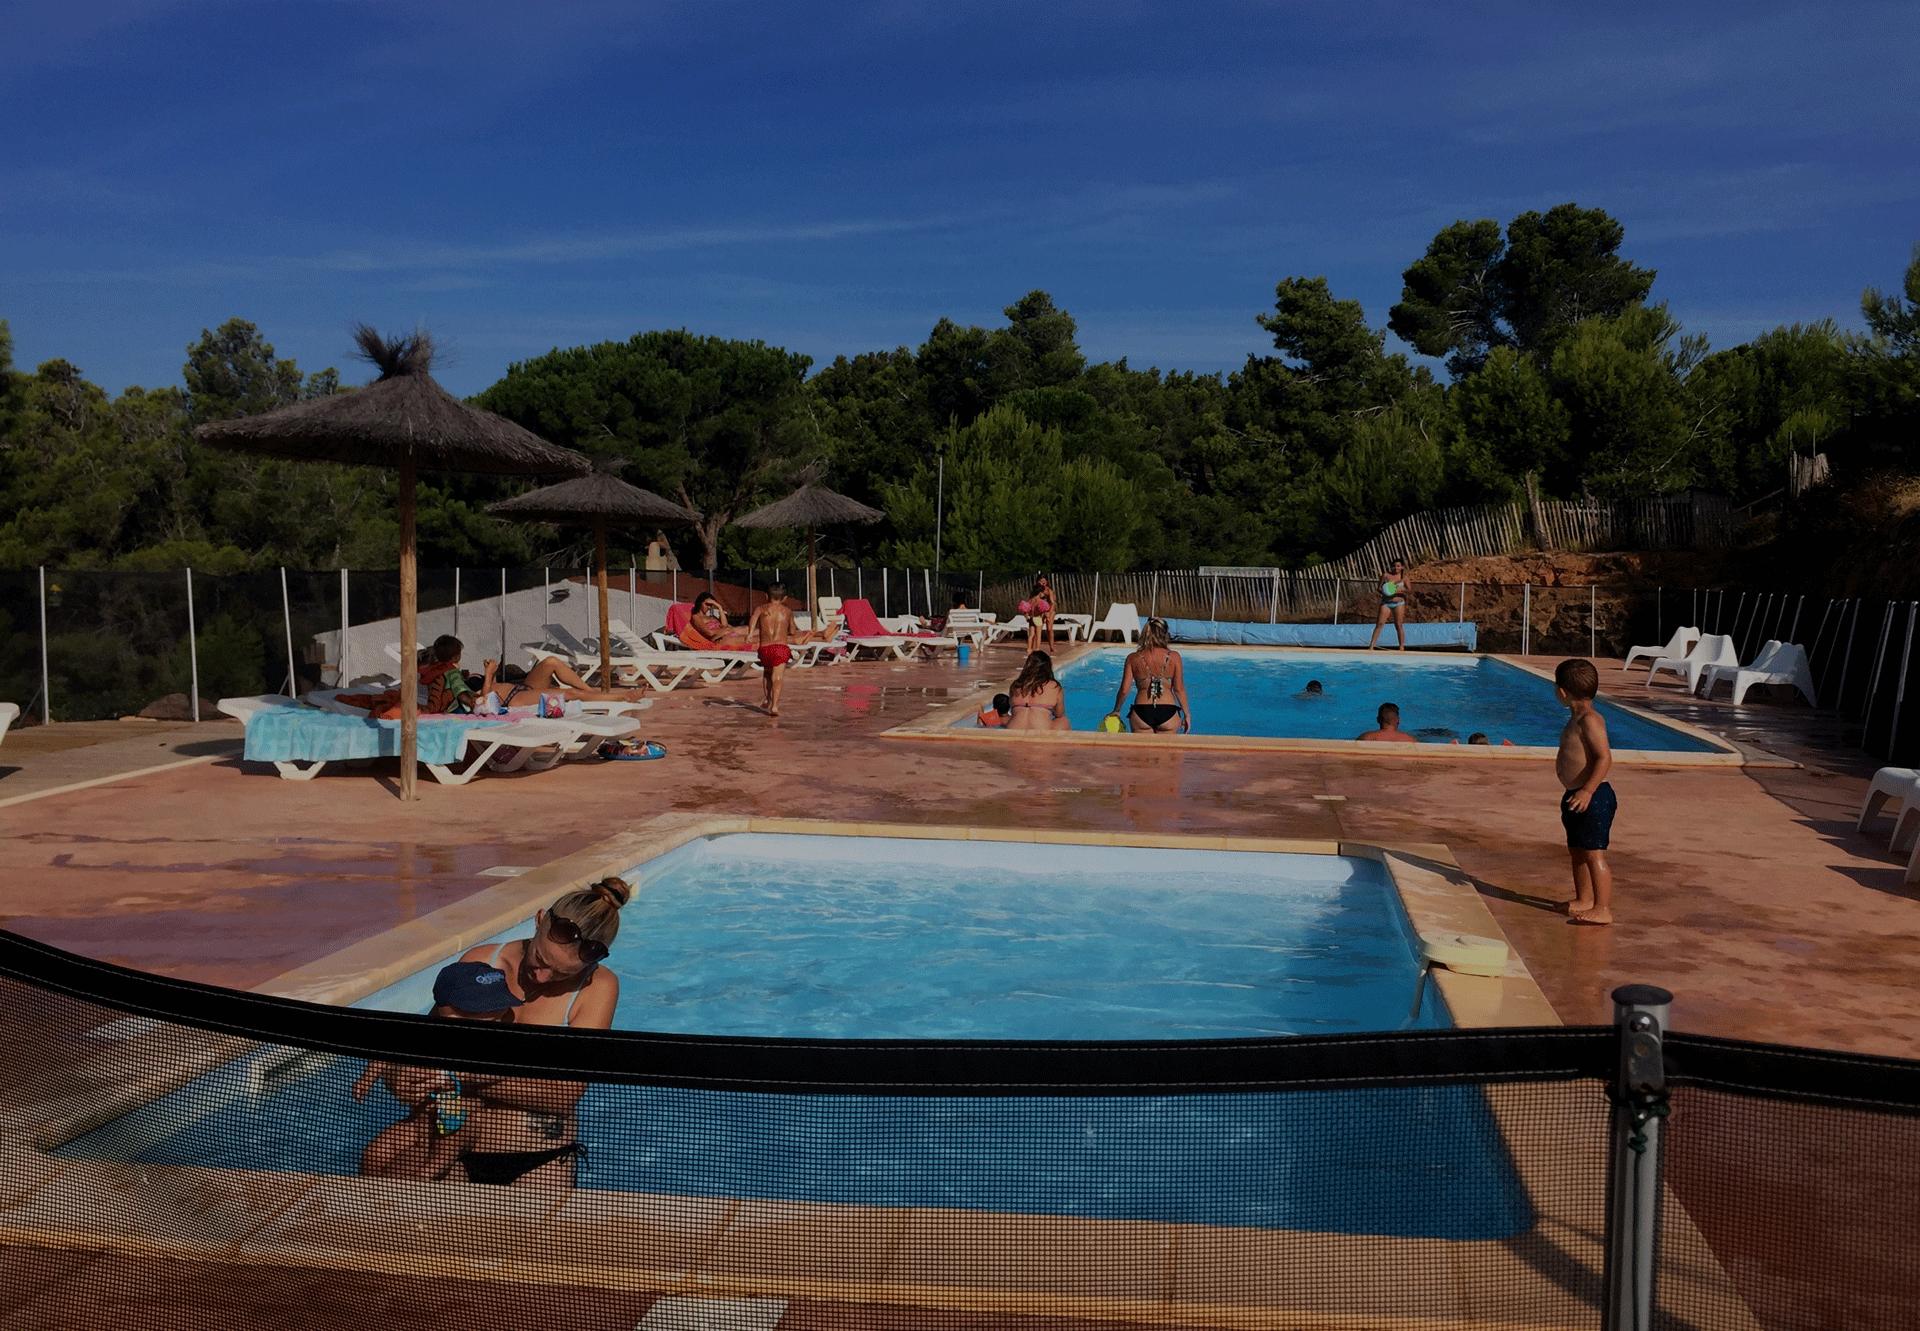 piscine - Camping le bois de pins -Salses-Le-Château 66